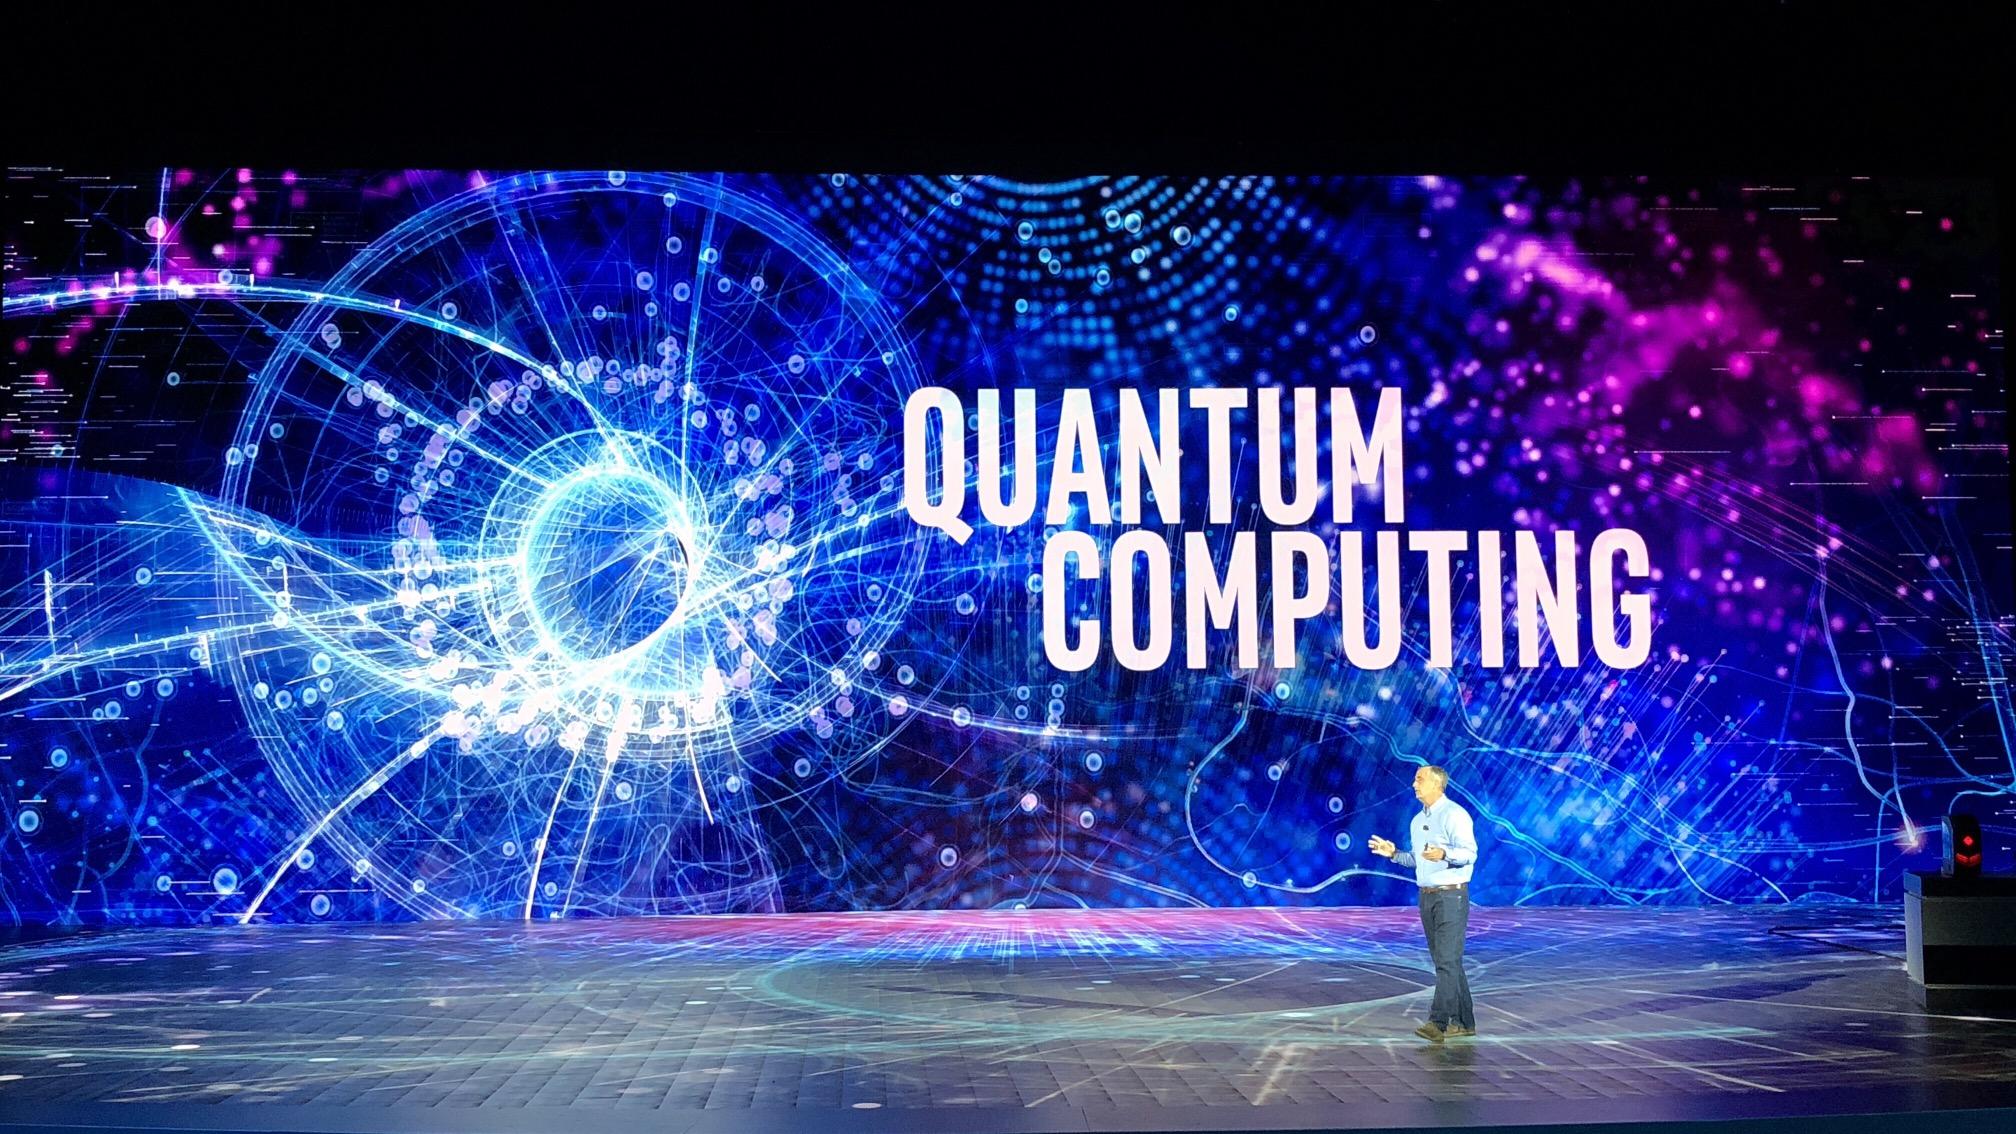 Empowering the quantum revolution